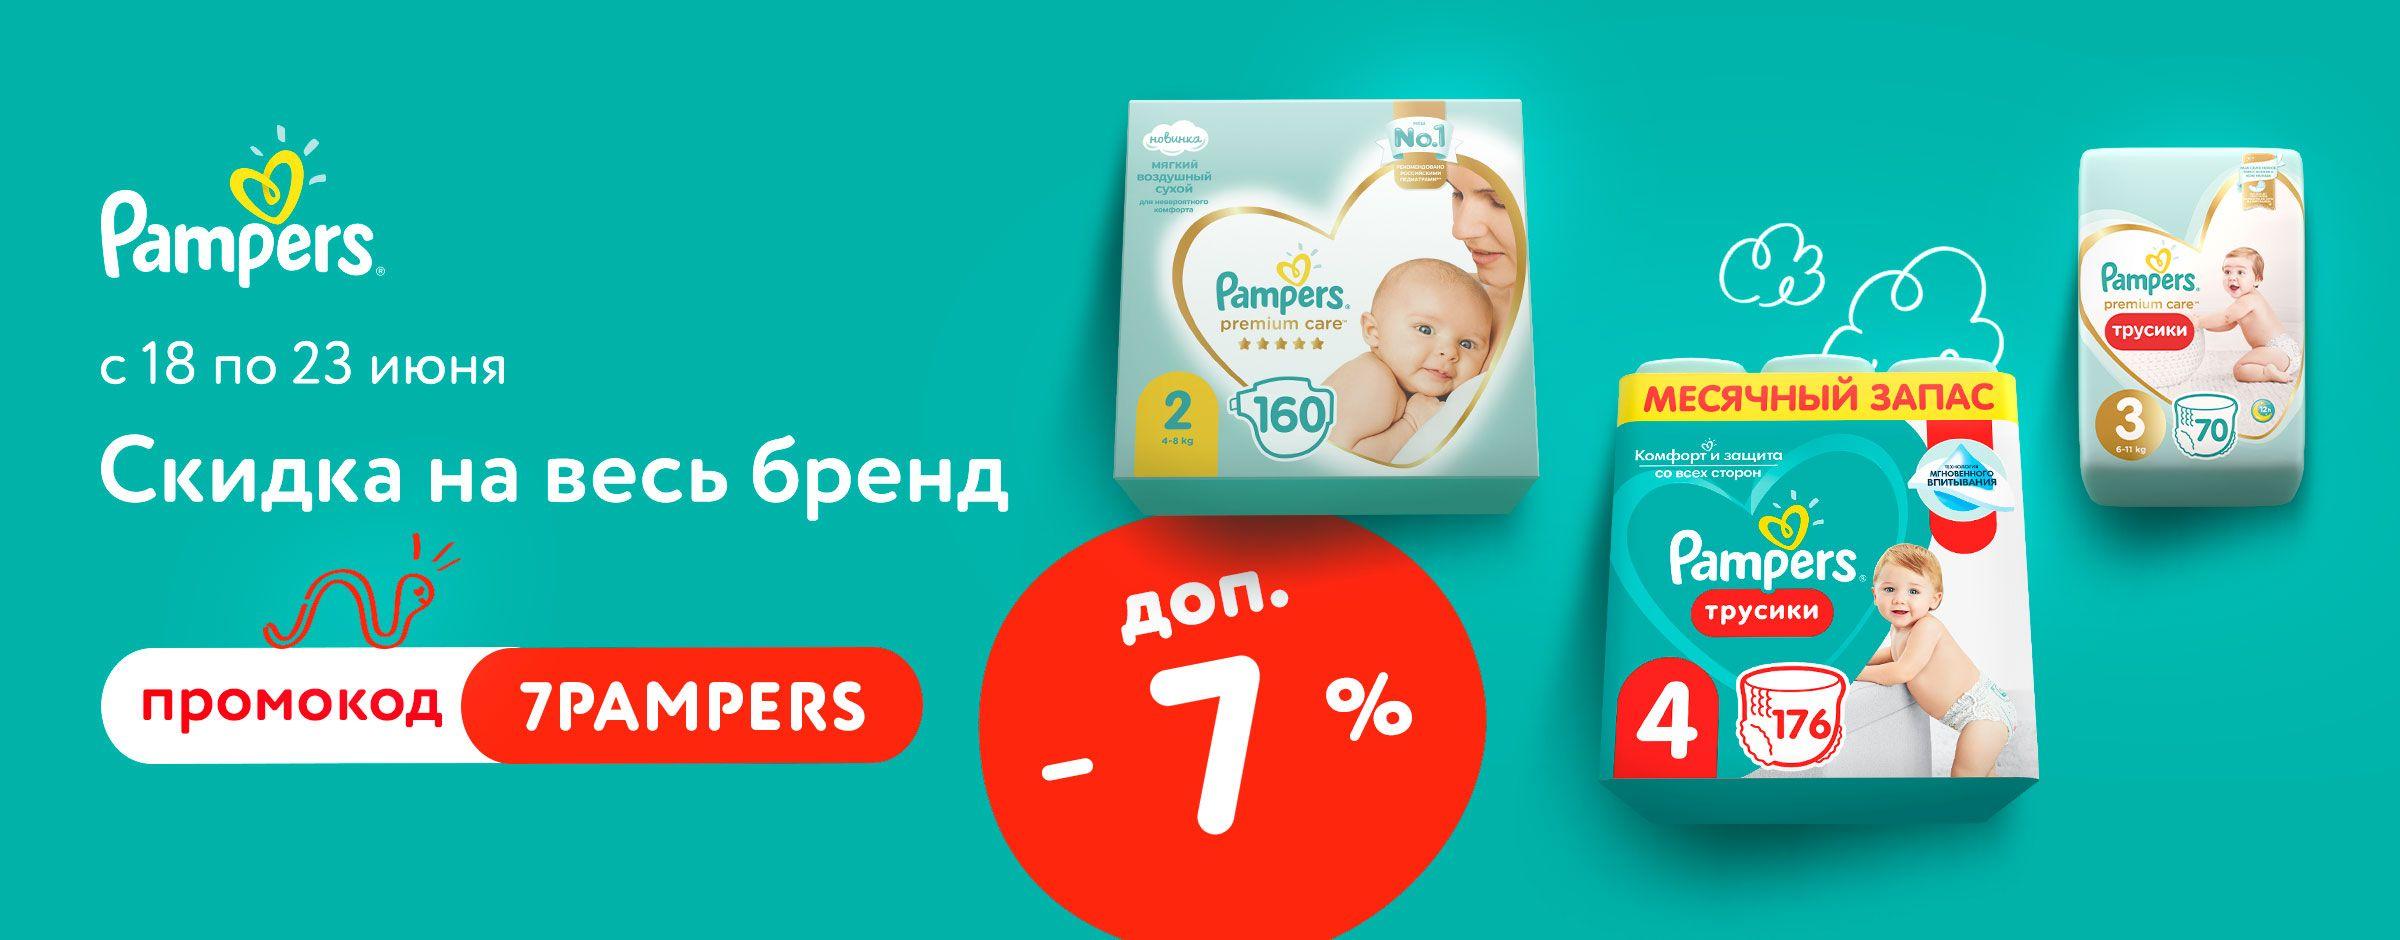 7% на Pampers по промокоду 7Pampers Категории 2